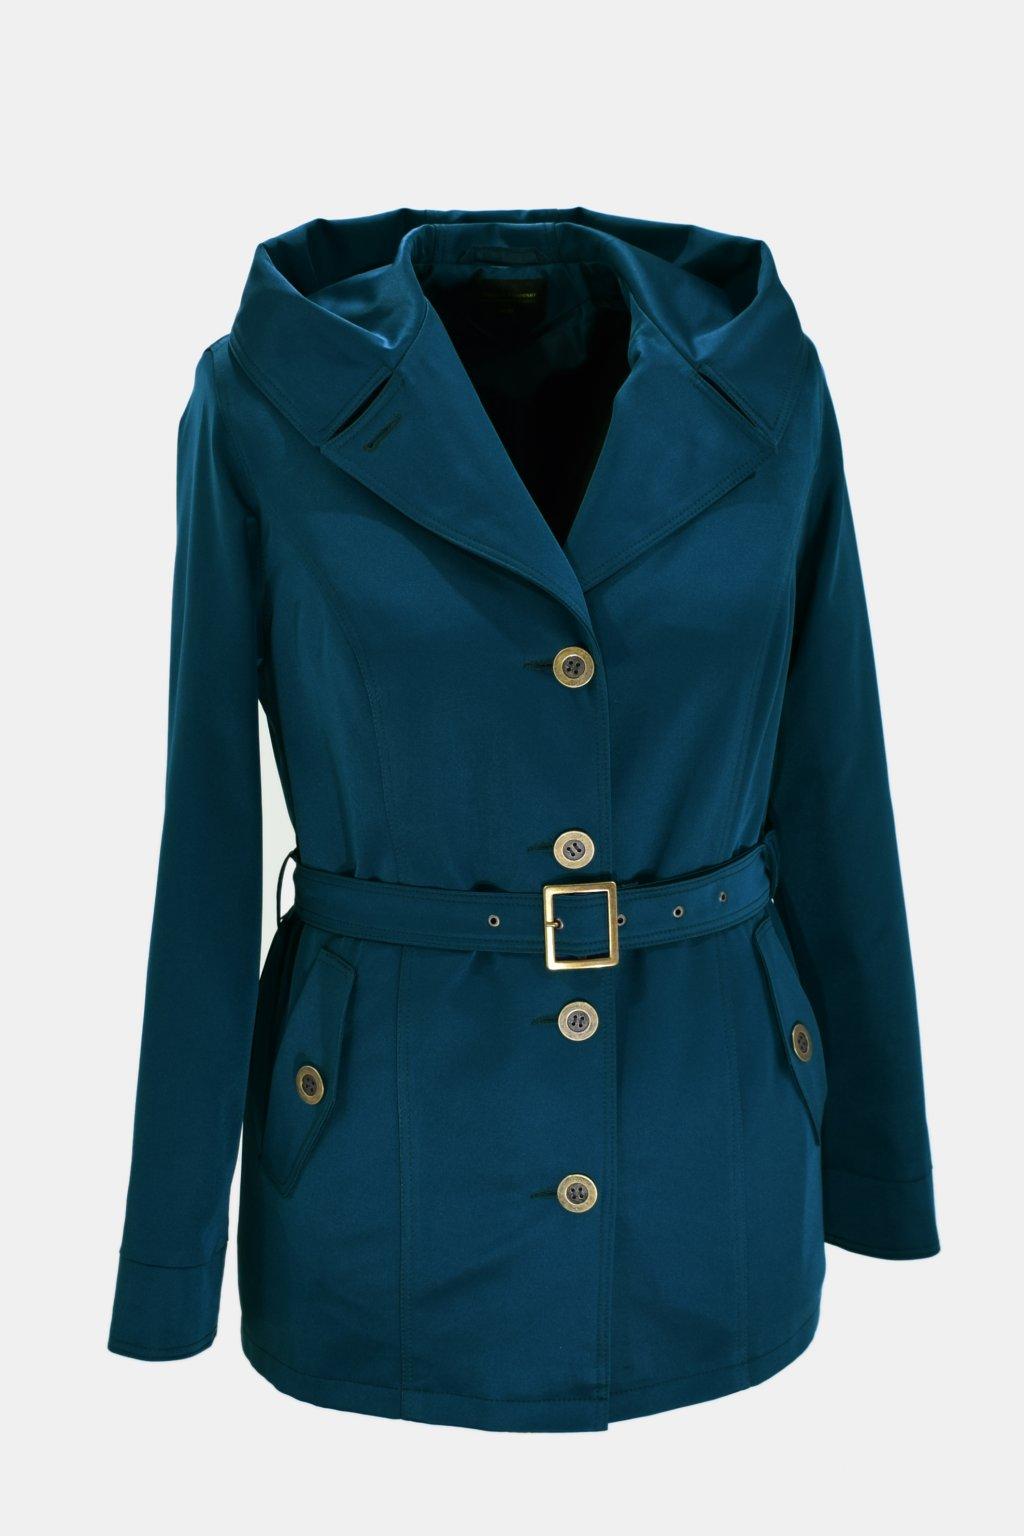 Dámský petrolový jarní kabátek Eva nadměrné velikosti.